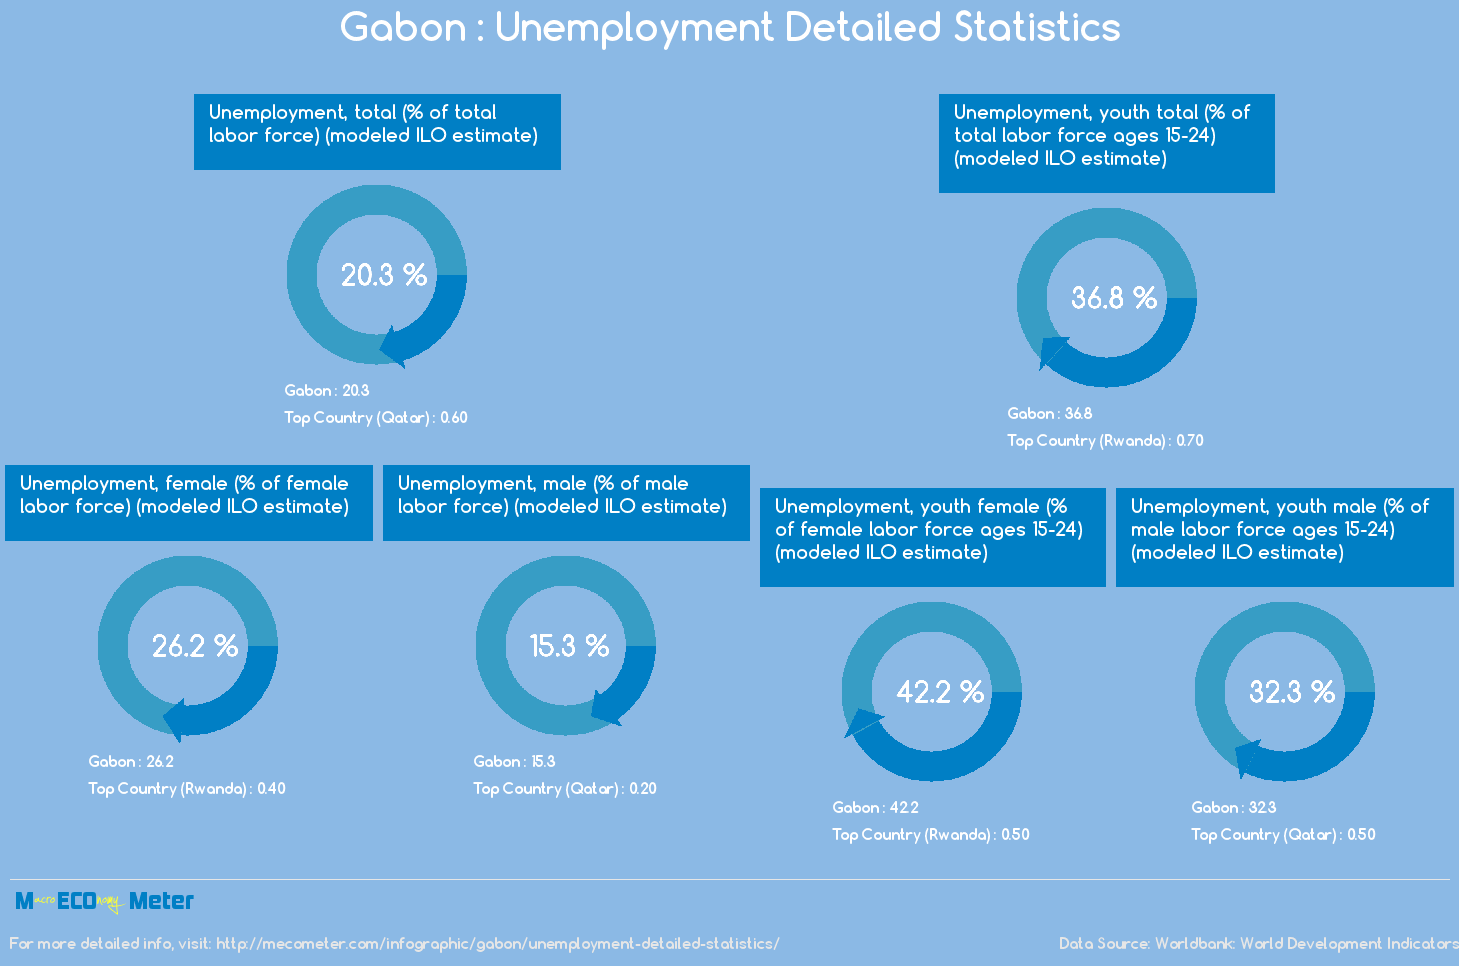 Gabon : Unemployment Detailed Statistics